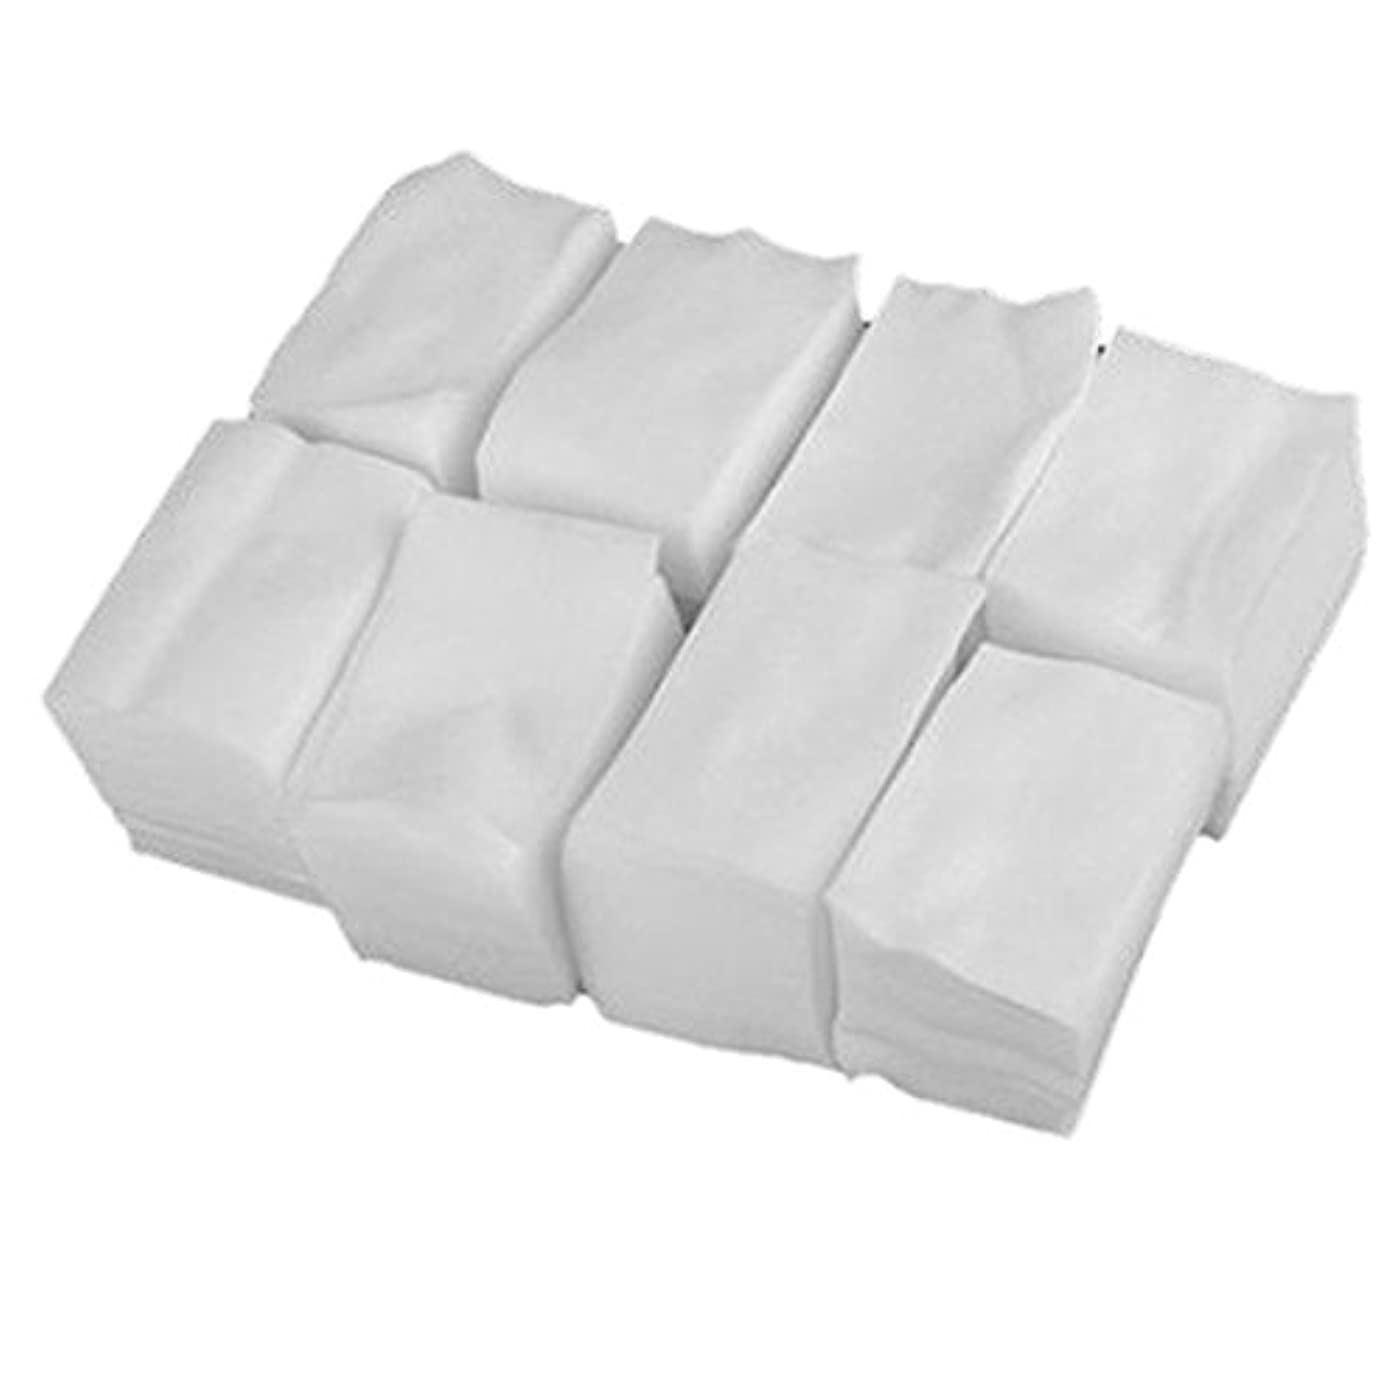 長いです不健康飢えたCUHAWUDBA 900x白いリントフリーネイルアート ワイプ紙パッド ゲルアクリルのヒント ポリッシュリムーバークリーナー(6cm x 5cm)